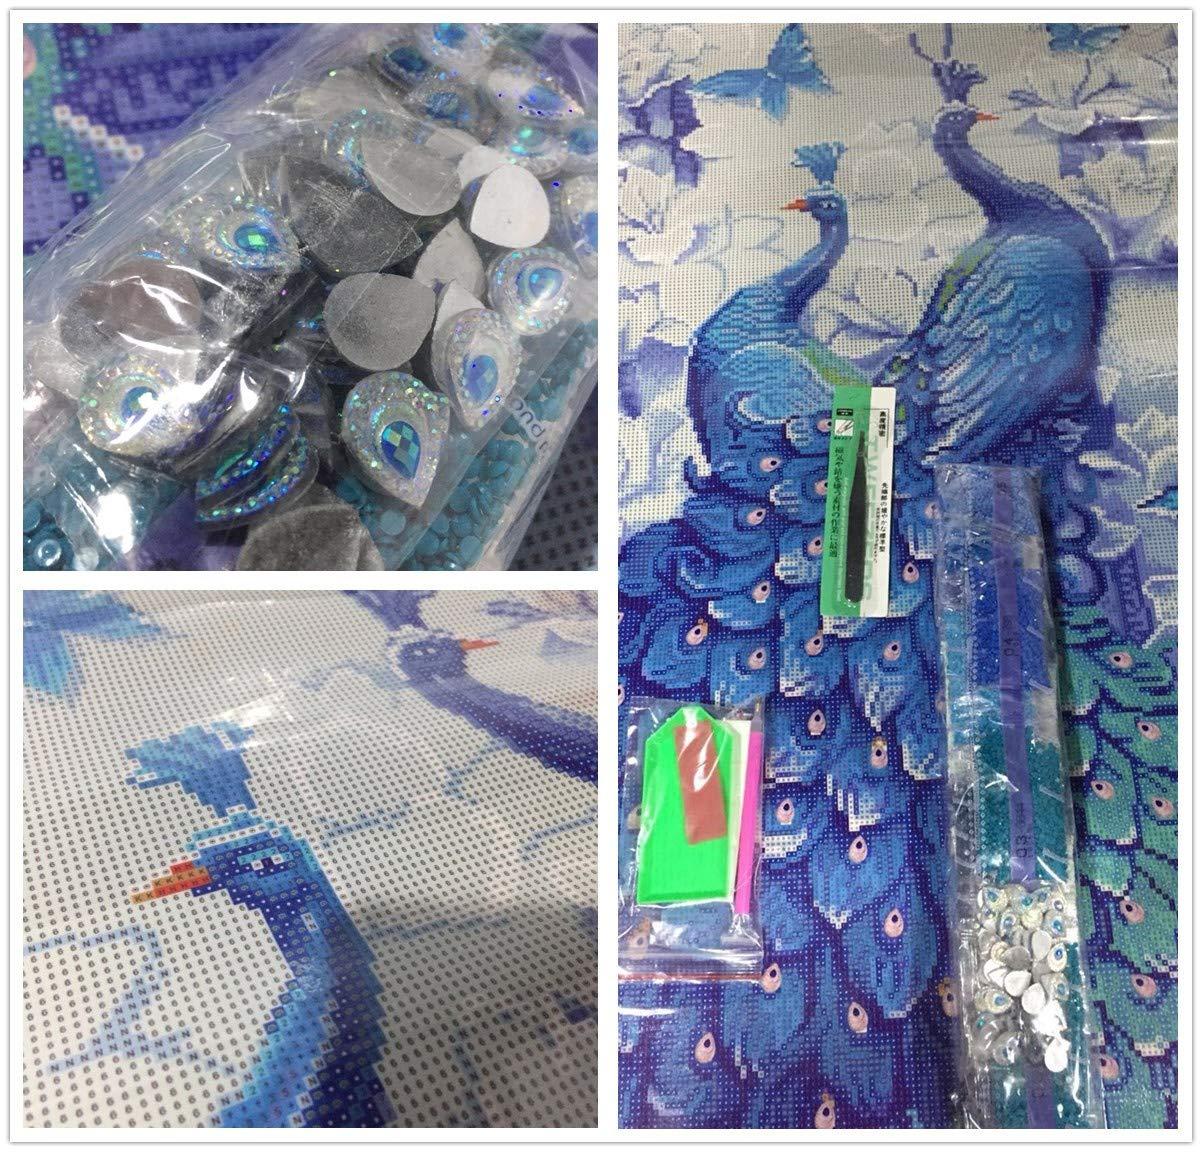 SWECOMZE 5d Diamante Painting Kit DIY Pavone Modello Adesivo Fatto a Mano con Set Digitale Punto Croce Decorazione da Parete